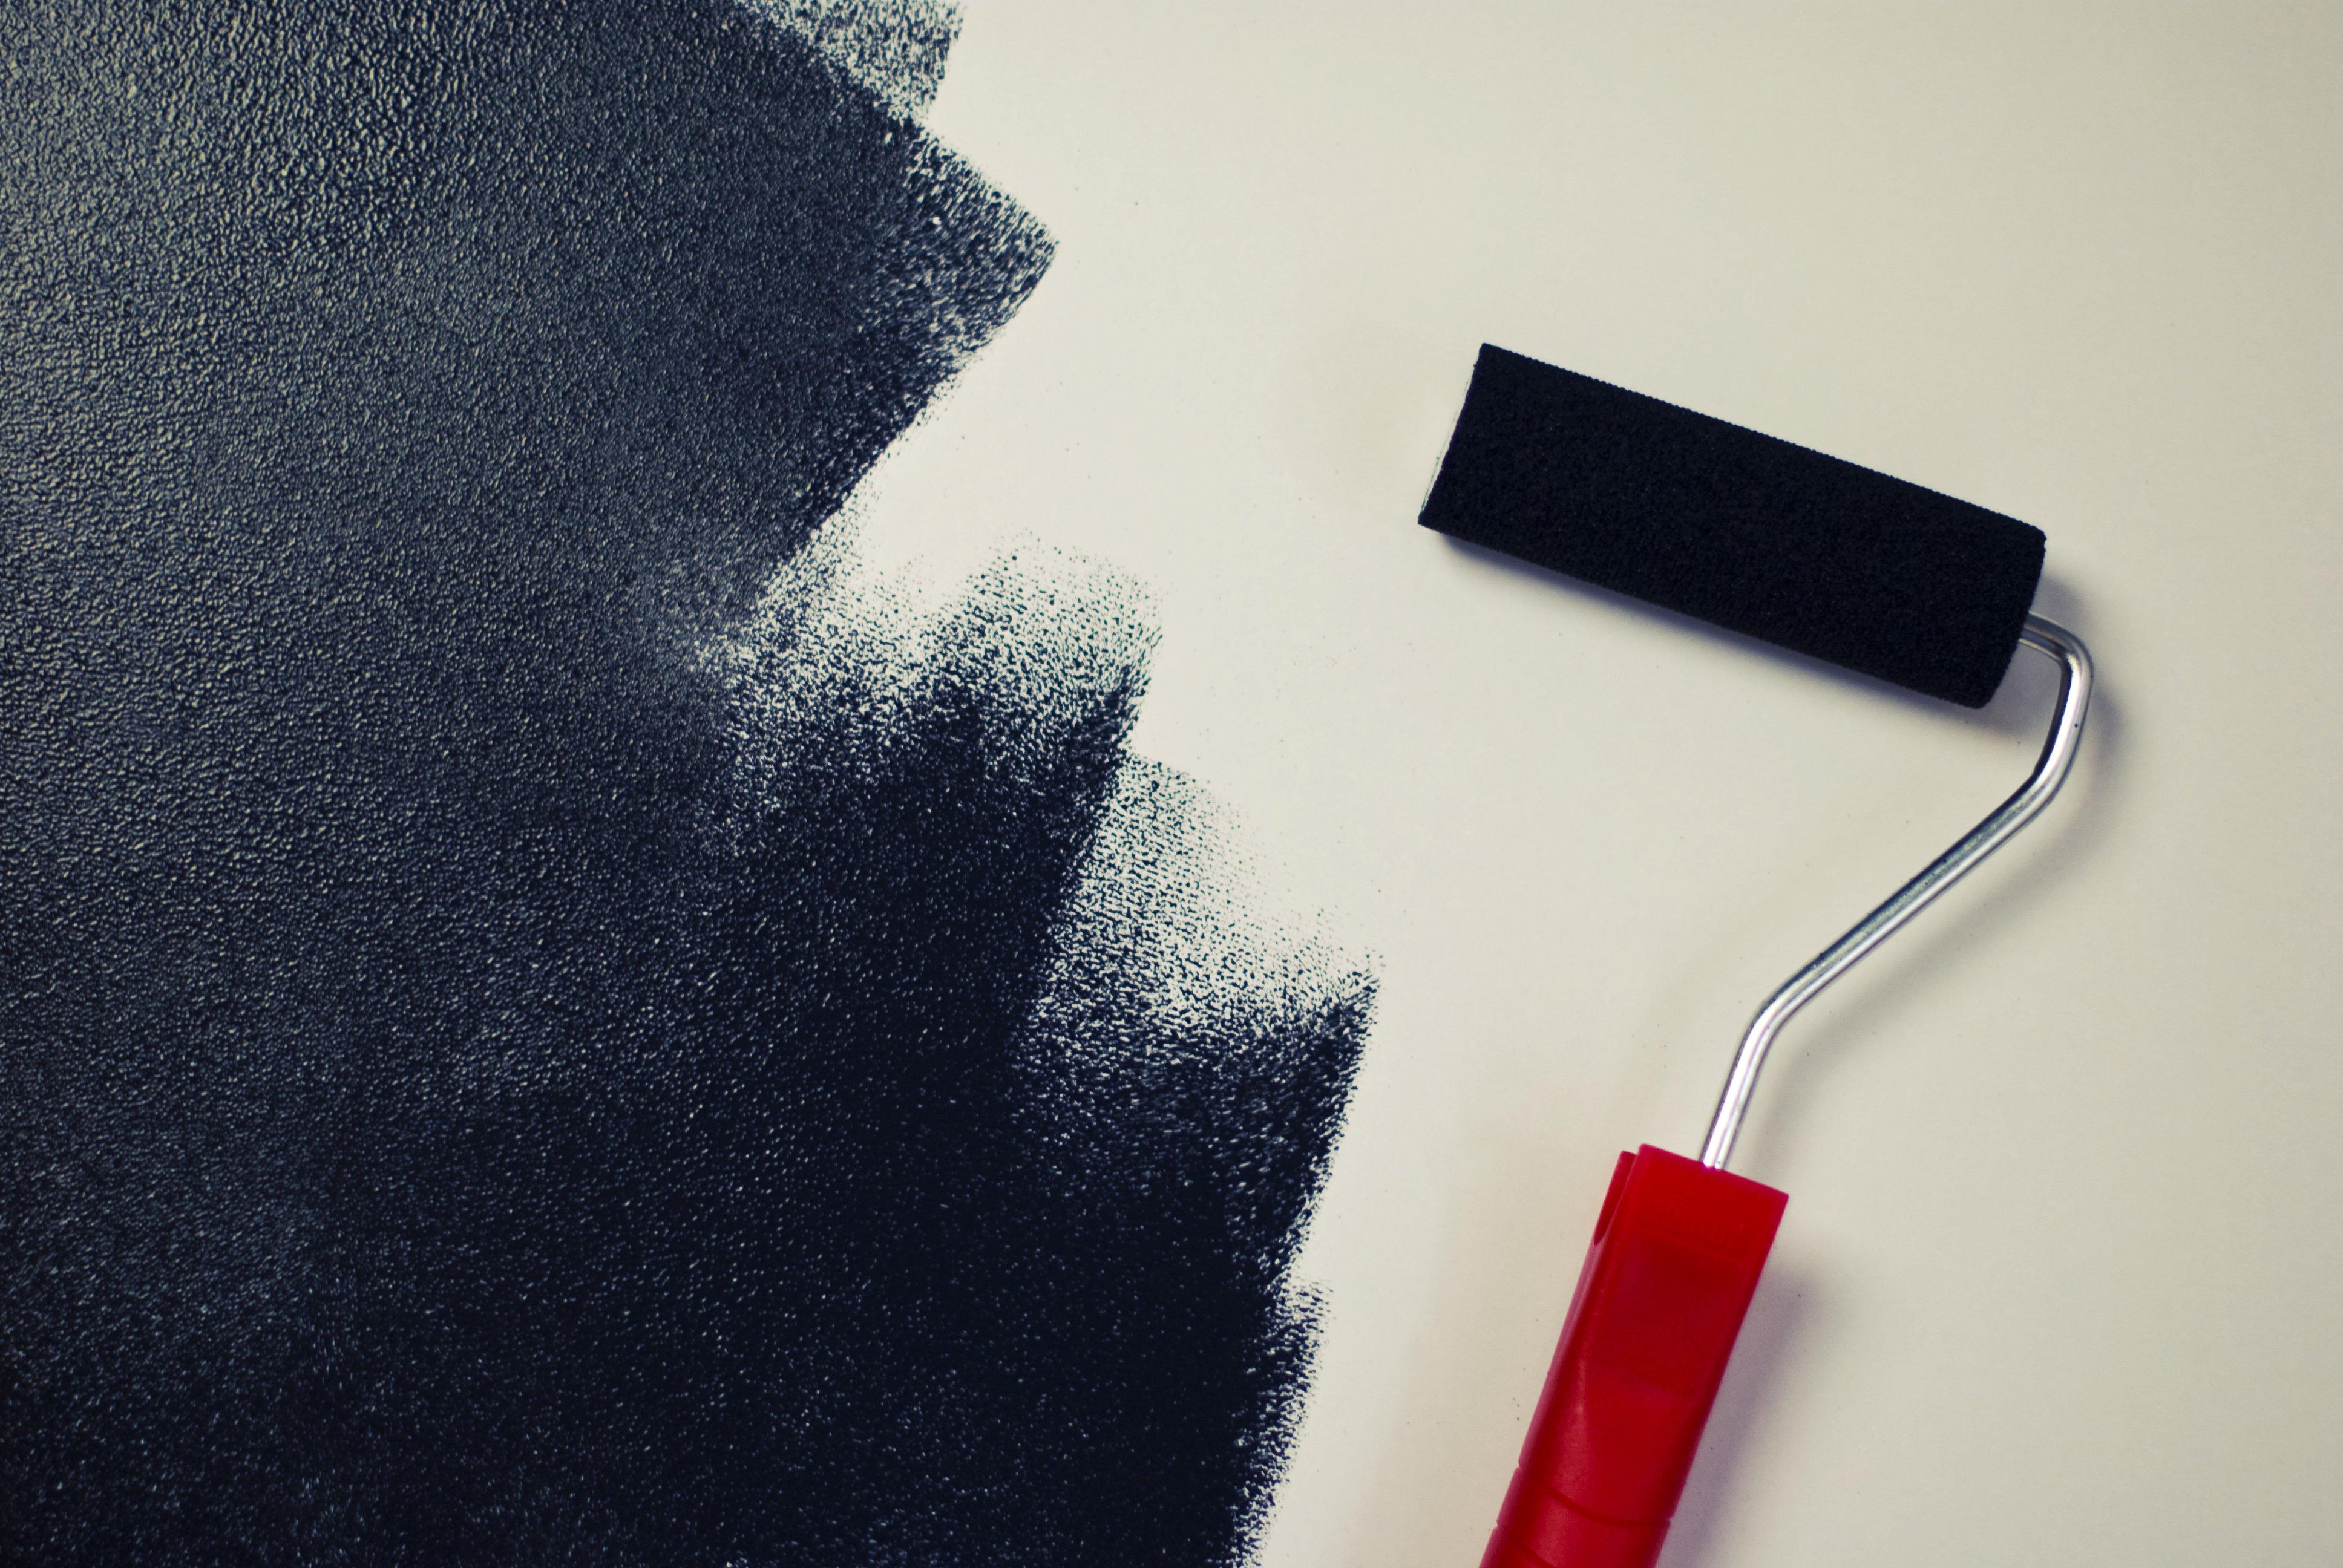 Malowanie ścian, przybijanie gwoździ, naprawa usterek – co może, a co musi najemca?